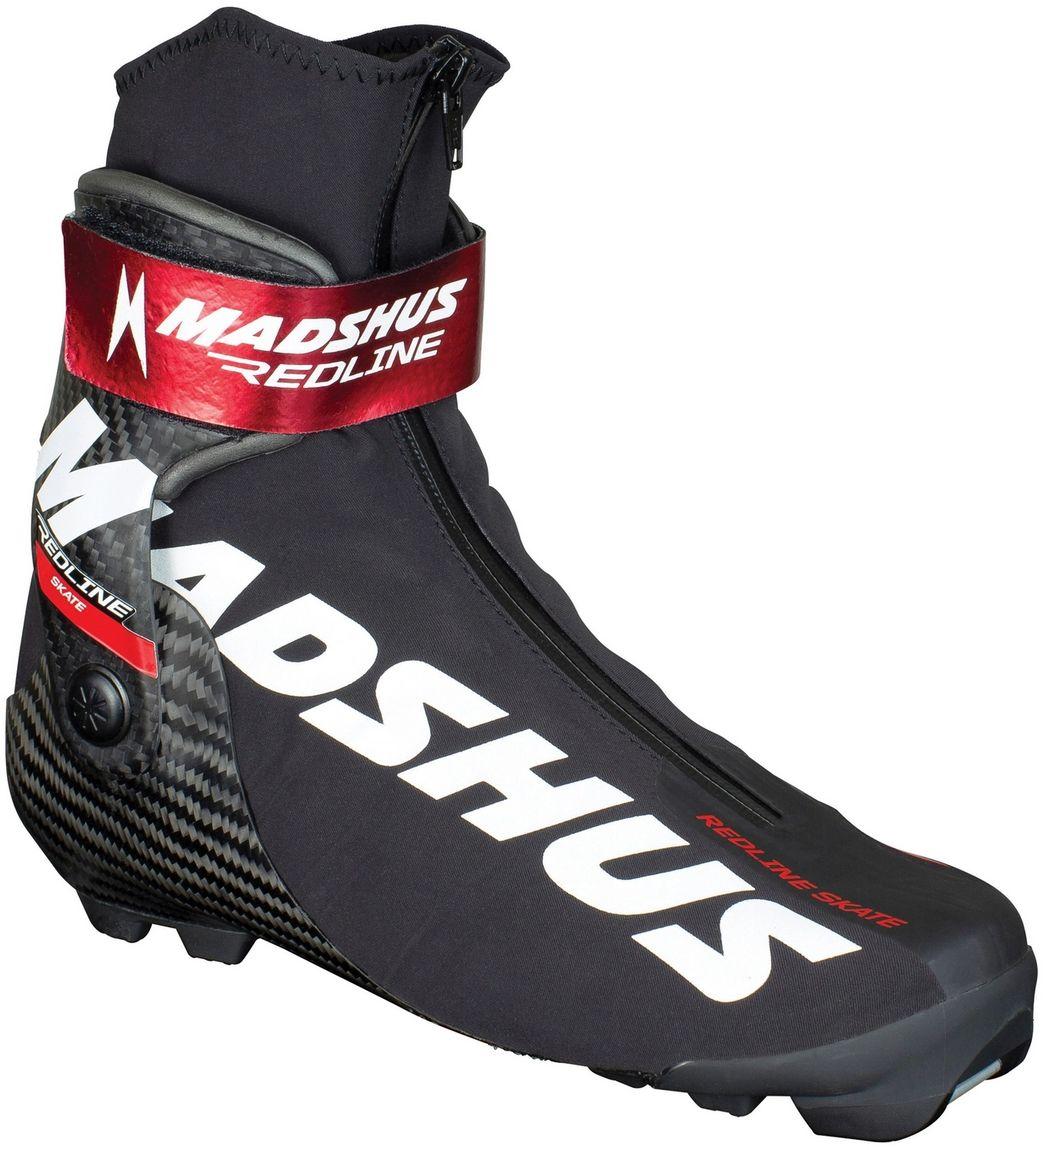 Madshus Redline Skate 44